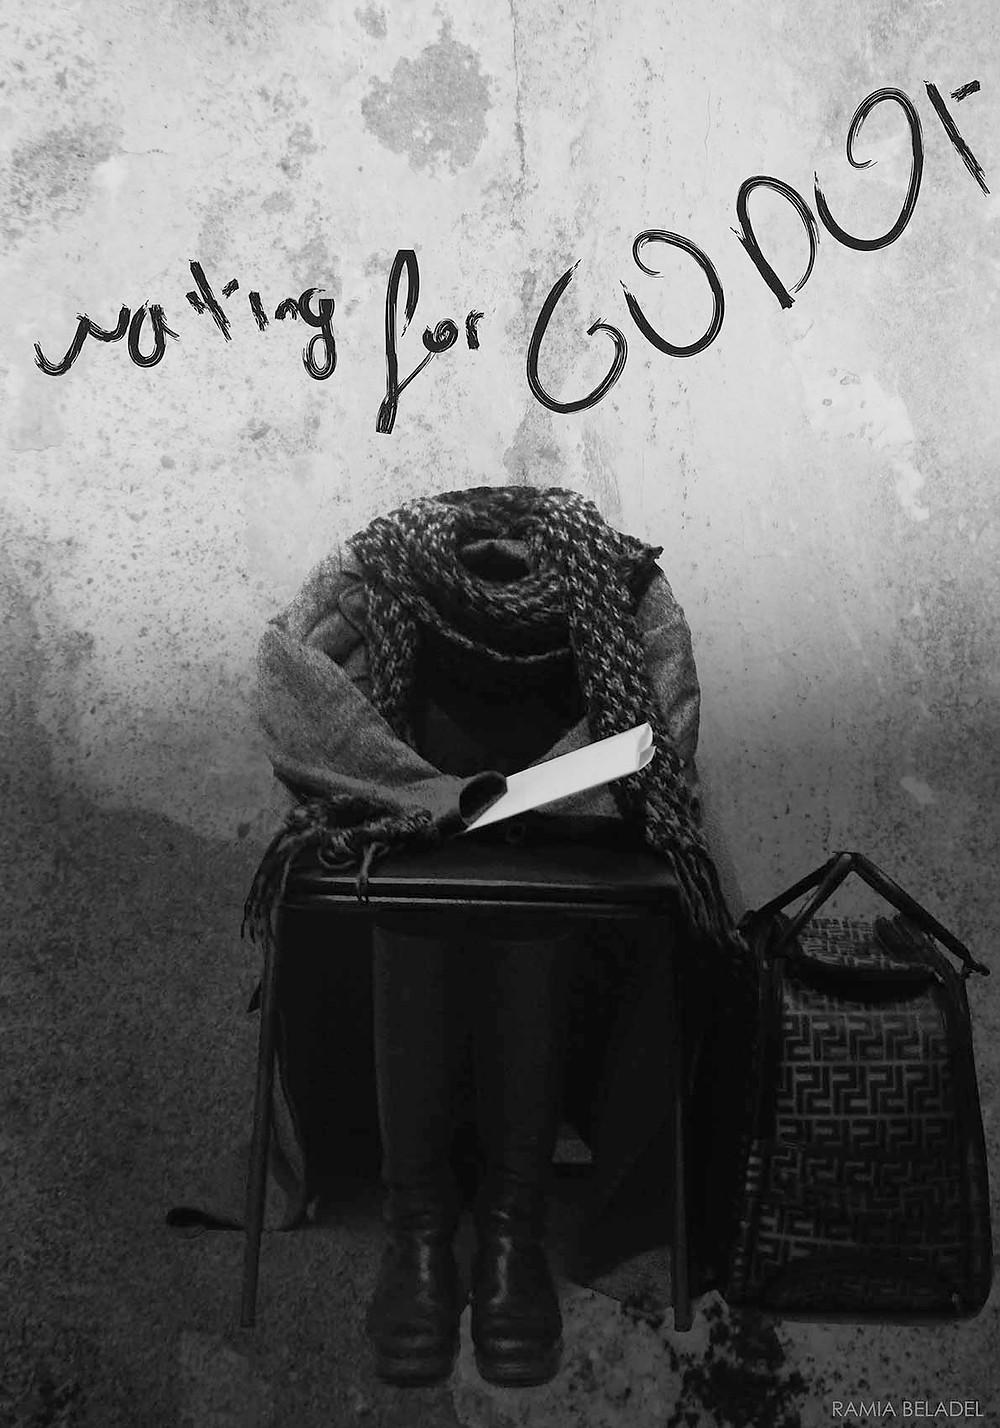 Waiting for Godot# the traveler,2012